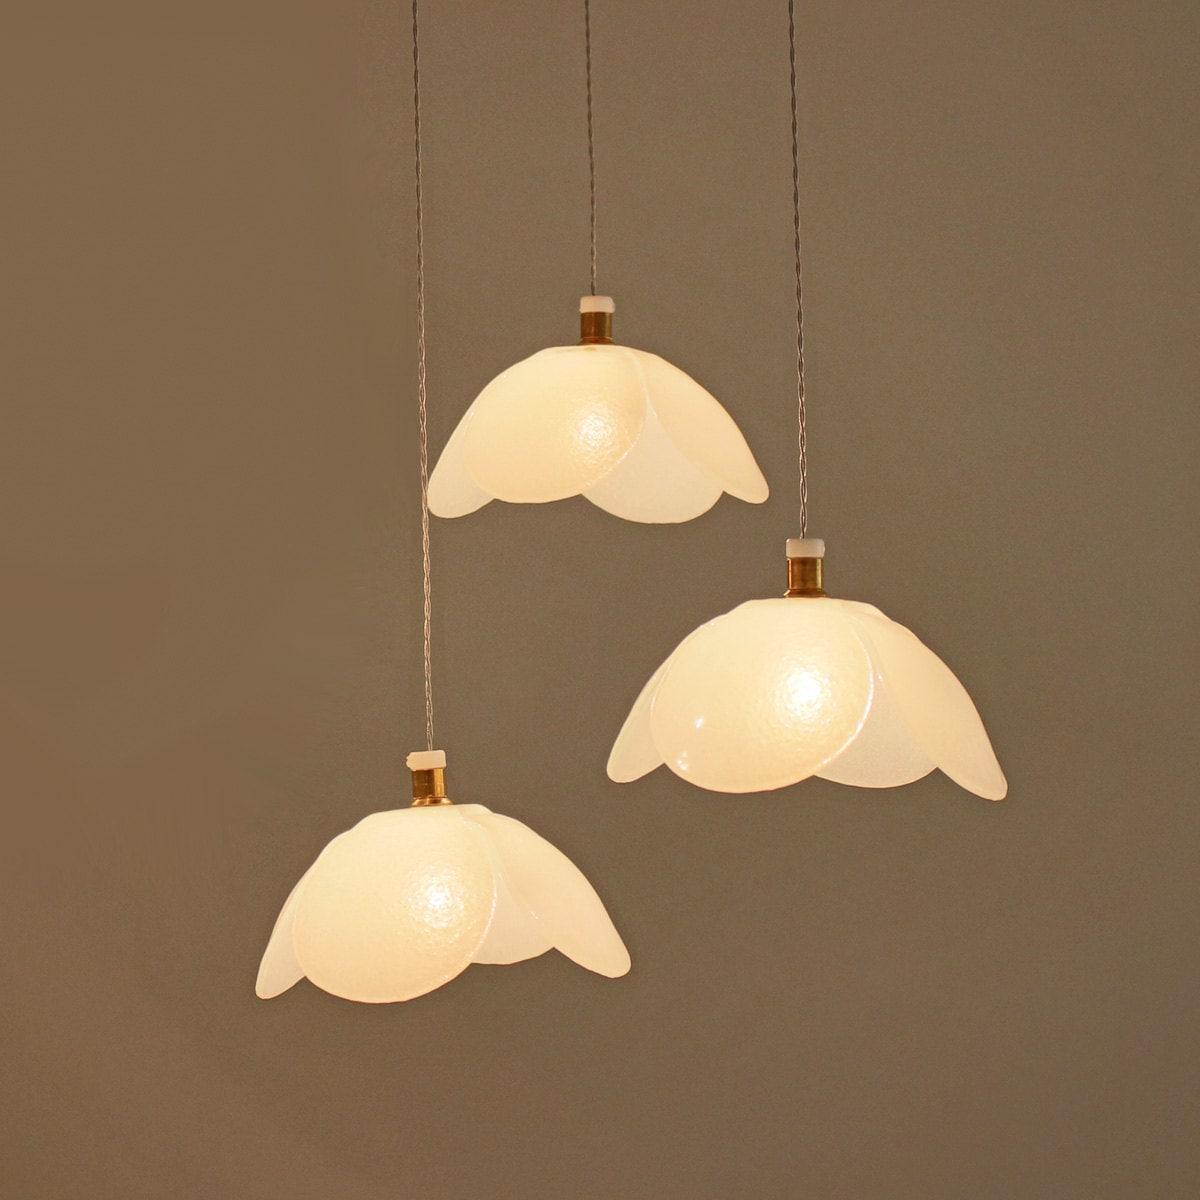 Art glass pendant lights flower white chandelier lighting Artisan glass pendant lights